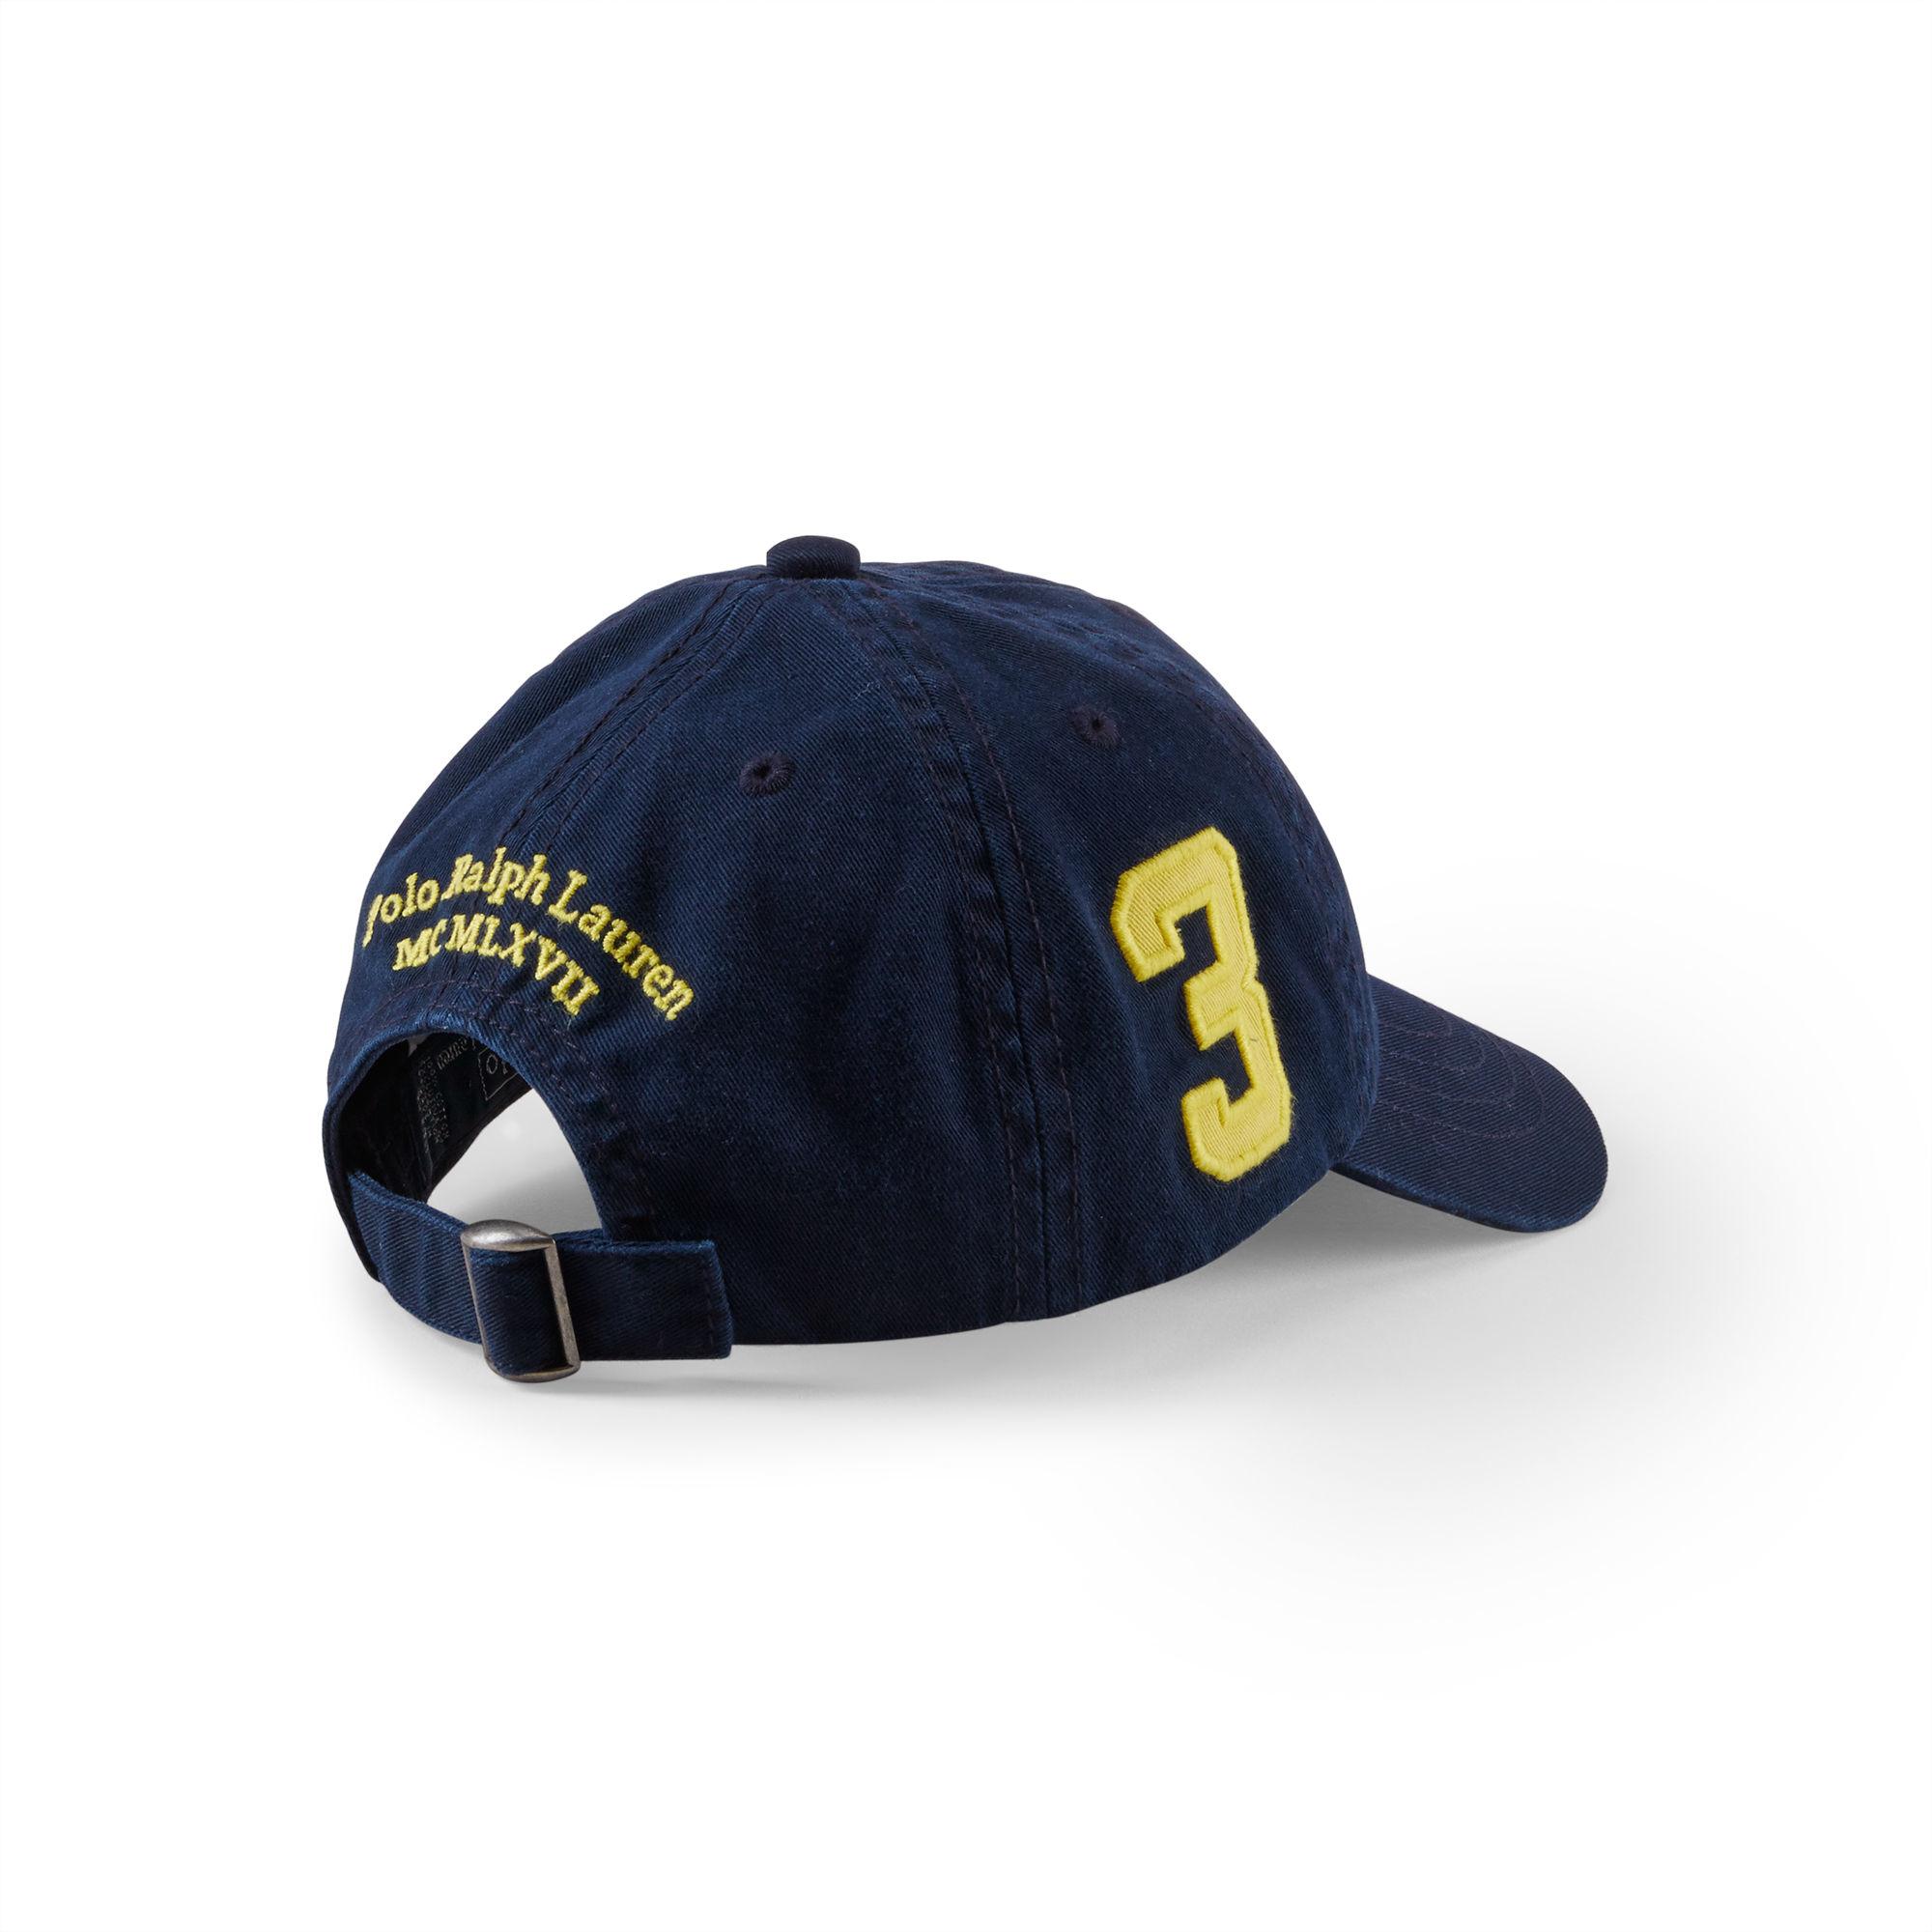 ee37737841a66 Ralph Lauren Big Pony Cotton Baseball Cap in Blue for Men - Lyst